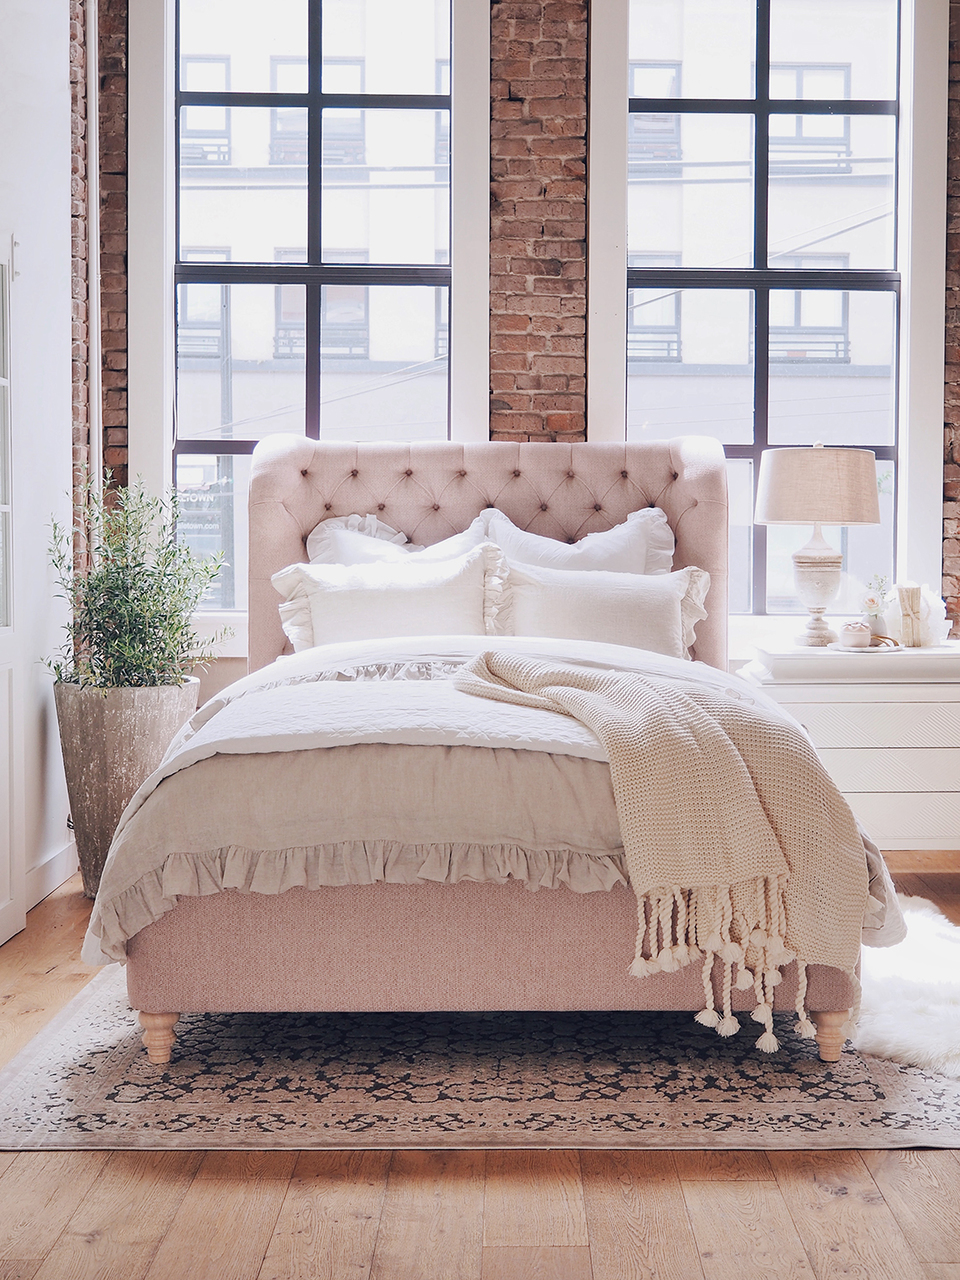 Jillian's Bed